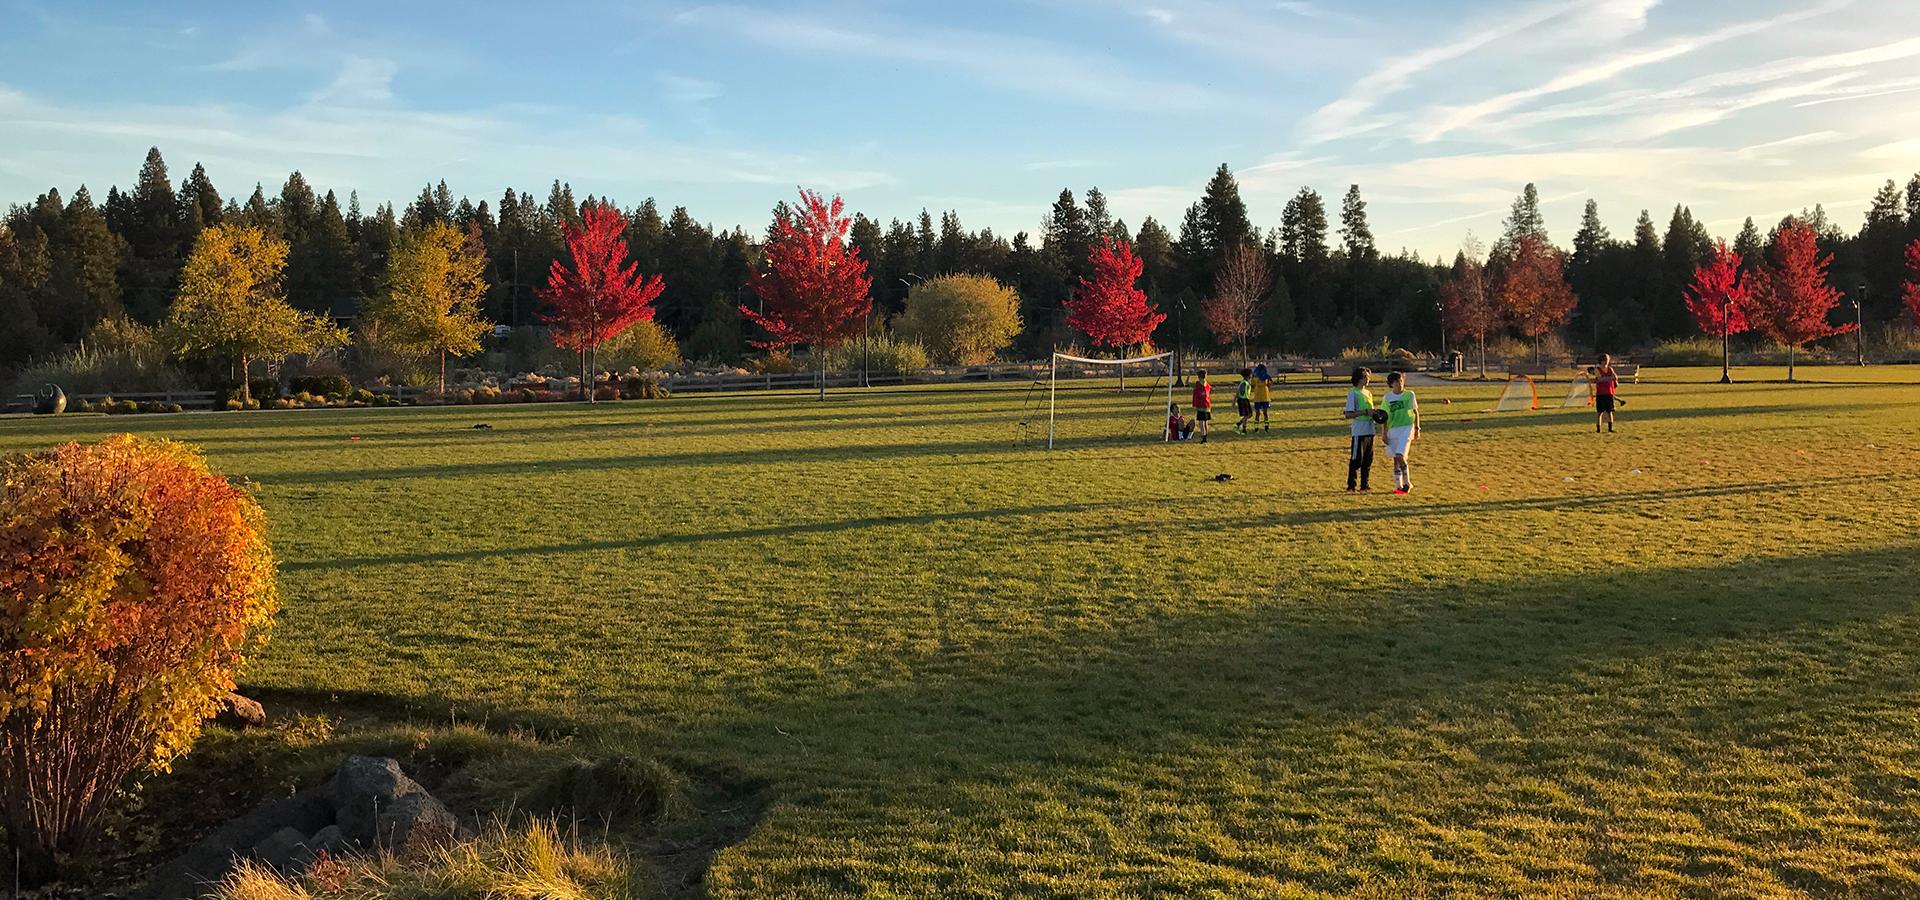 Riverbend_Park-Soccer-Practice